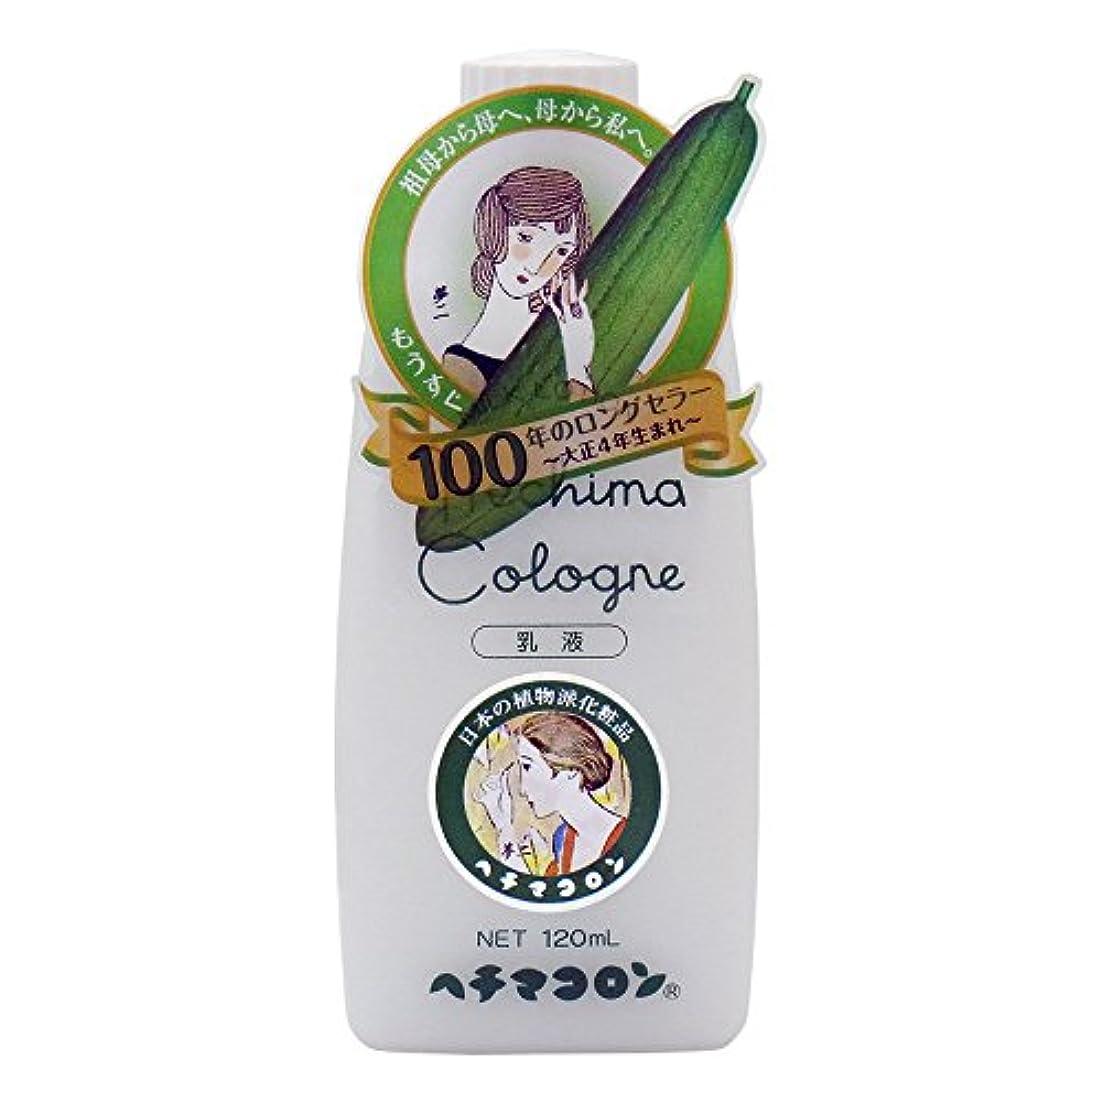 ひねりマットレス適度なヘチマコロン 乳液120ml